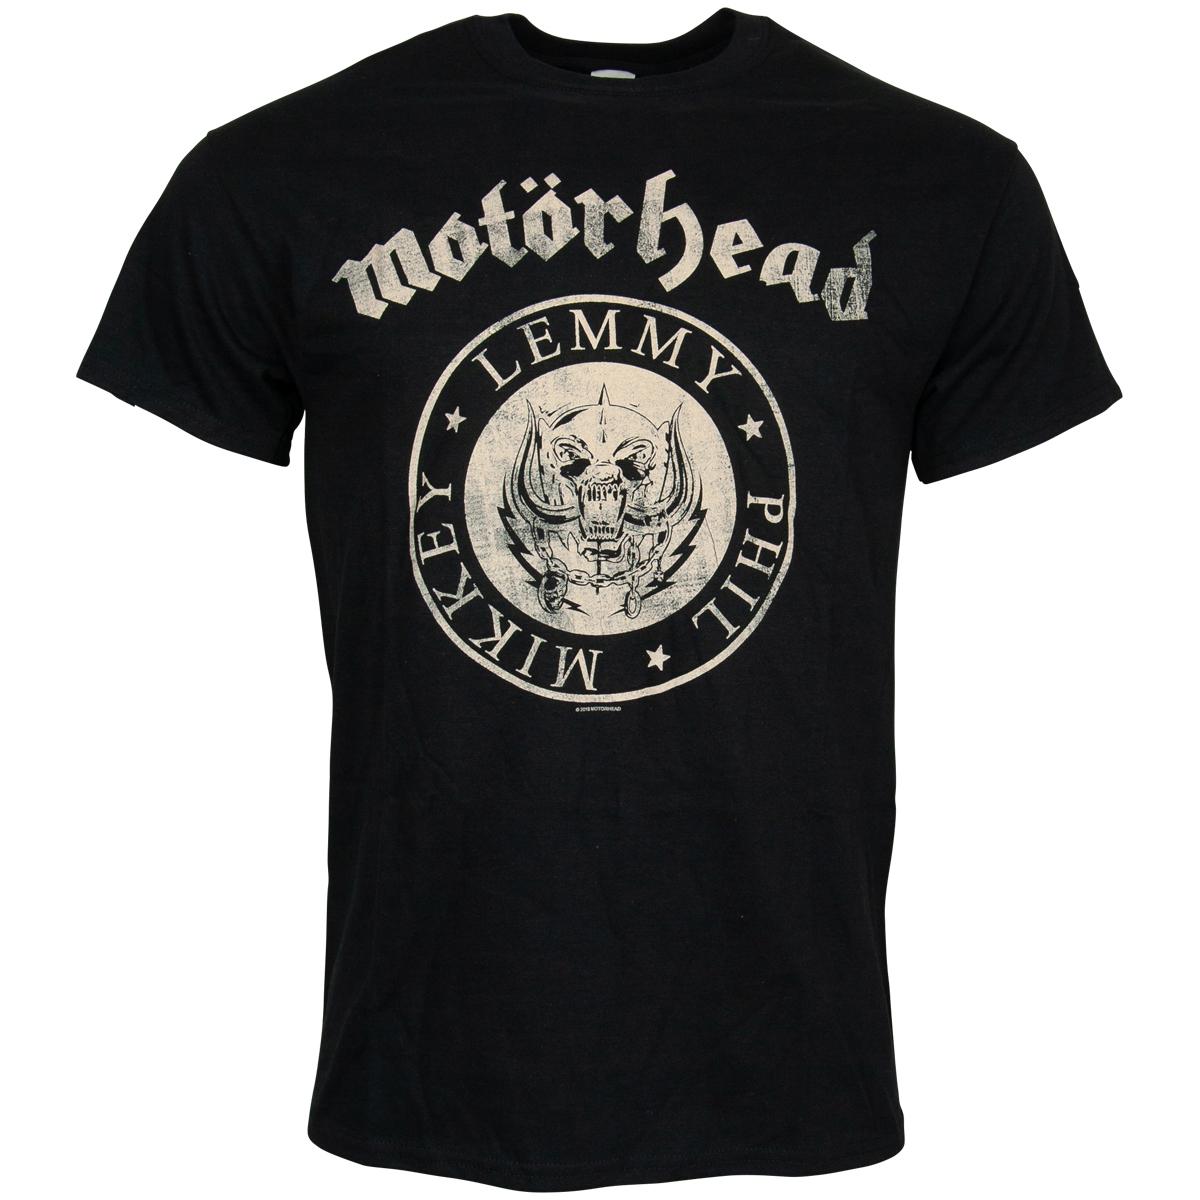 Motörhead - T-Shirt Undercover Seal Newsprint - schwarz